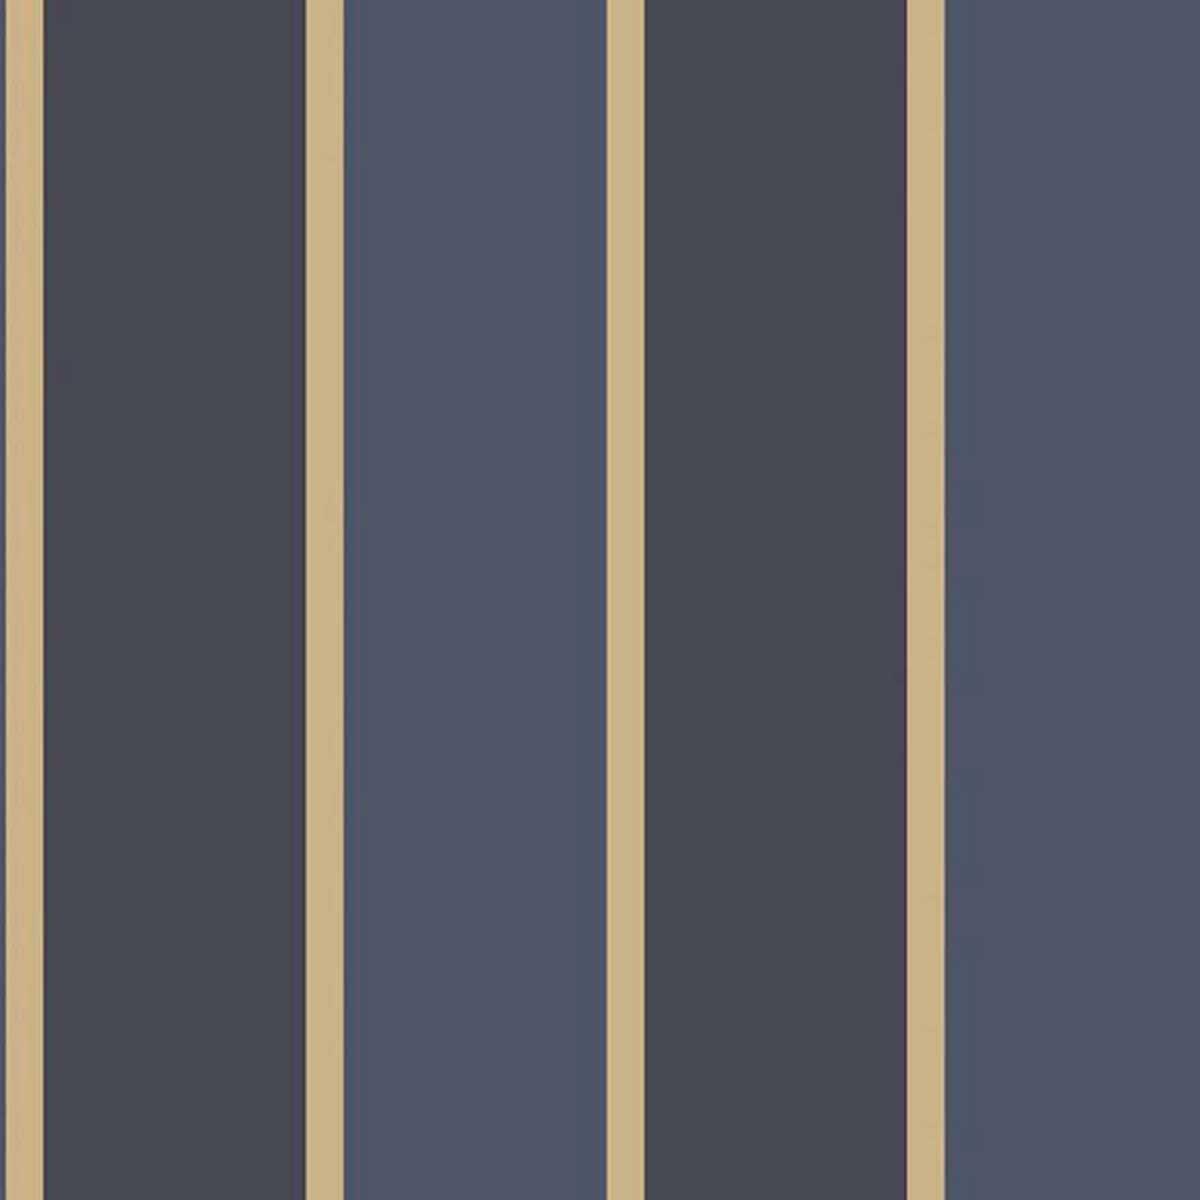 Papier peint LUTECE imprimé rayures bleues et or - Bleu - 10 m x 0,53 m